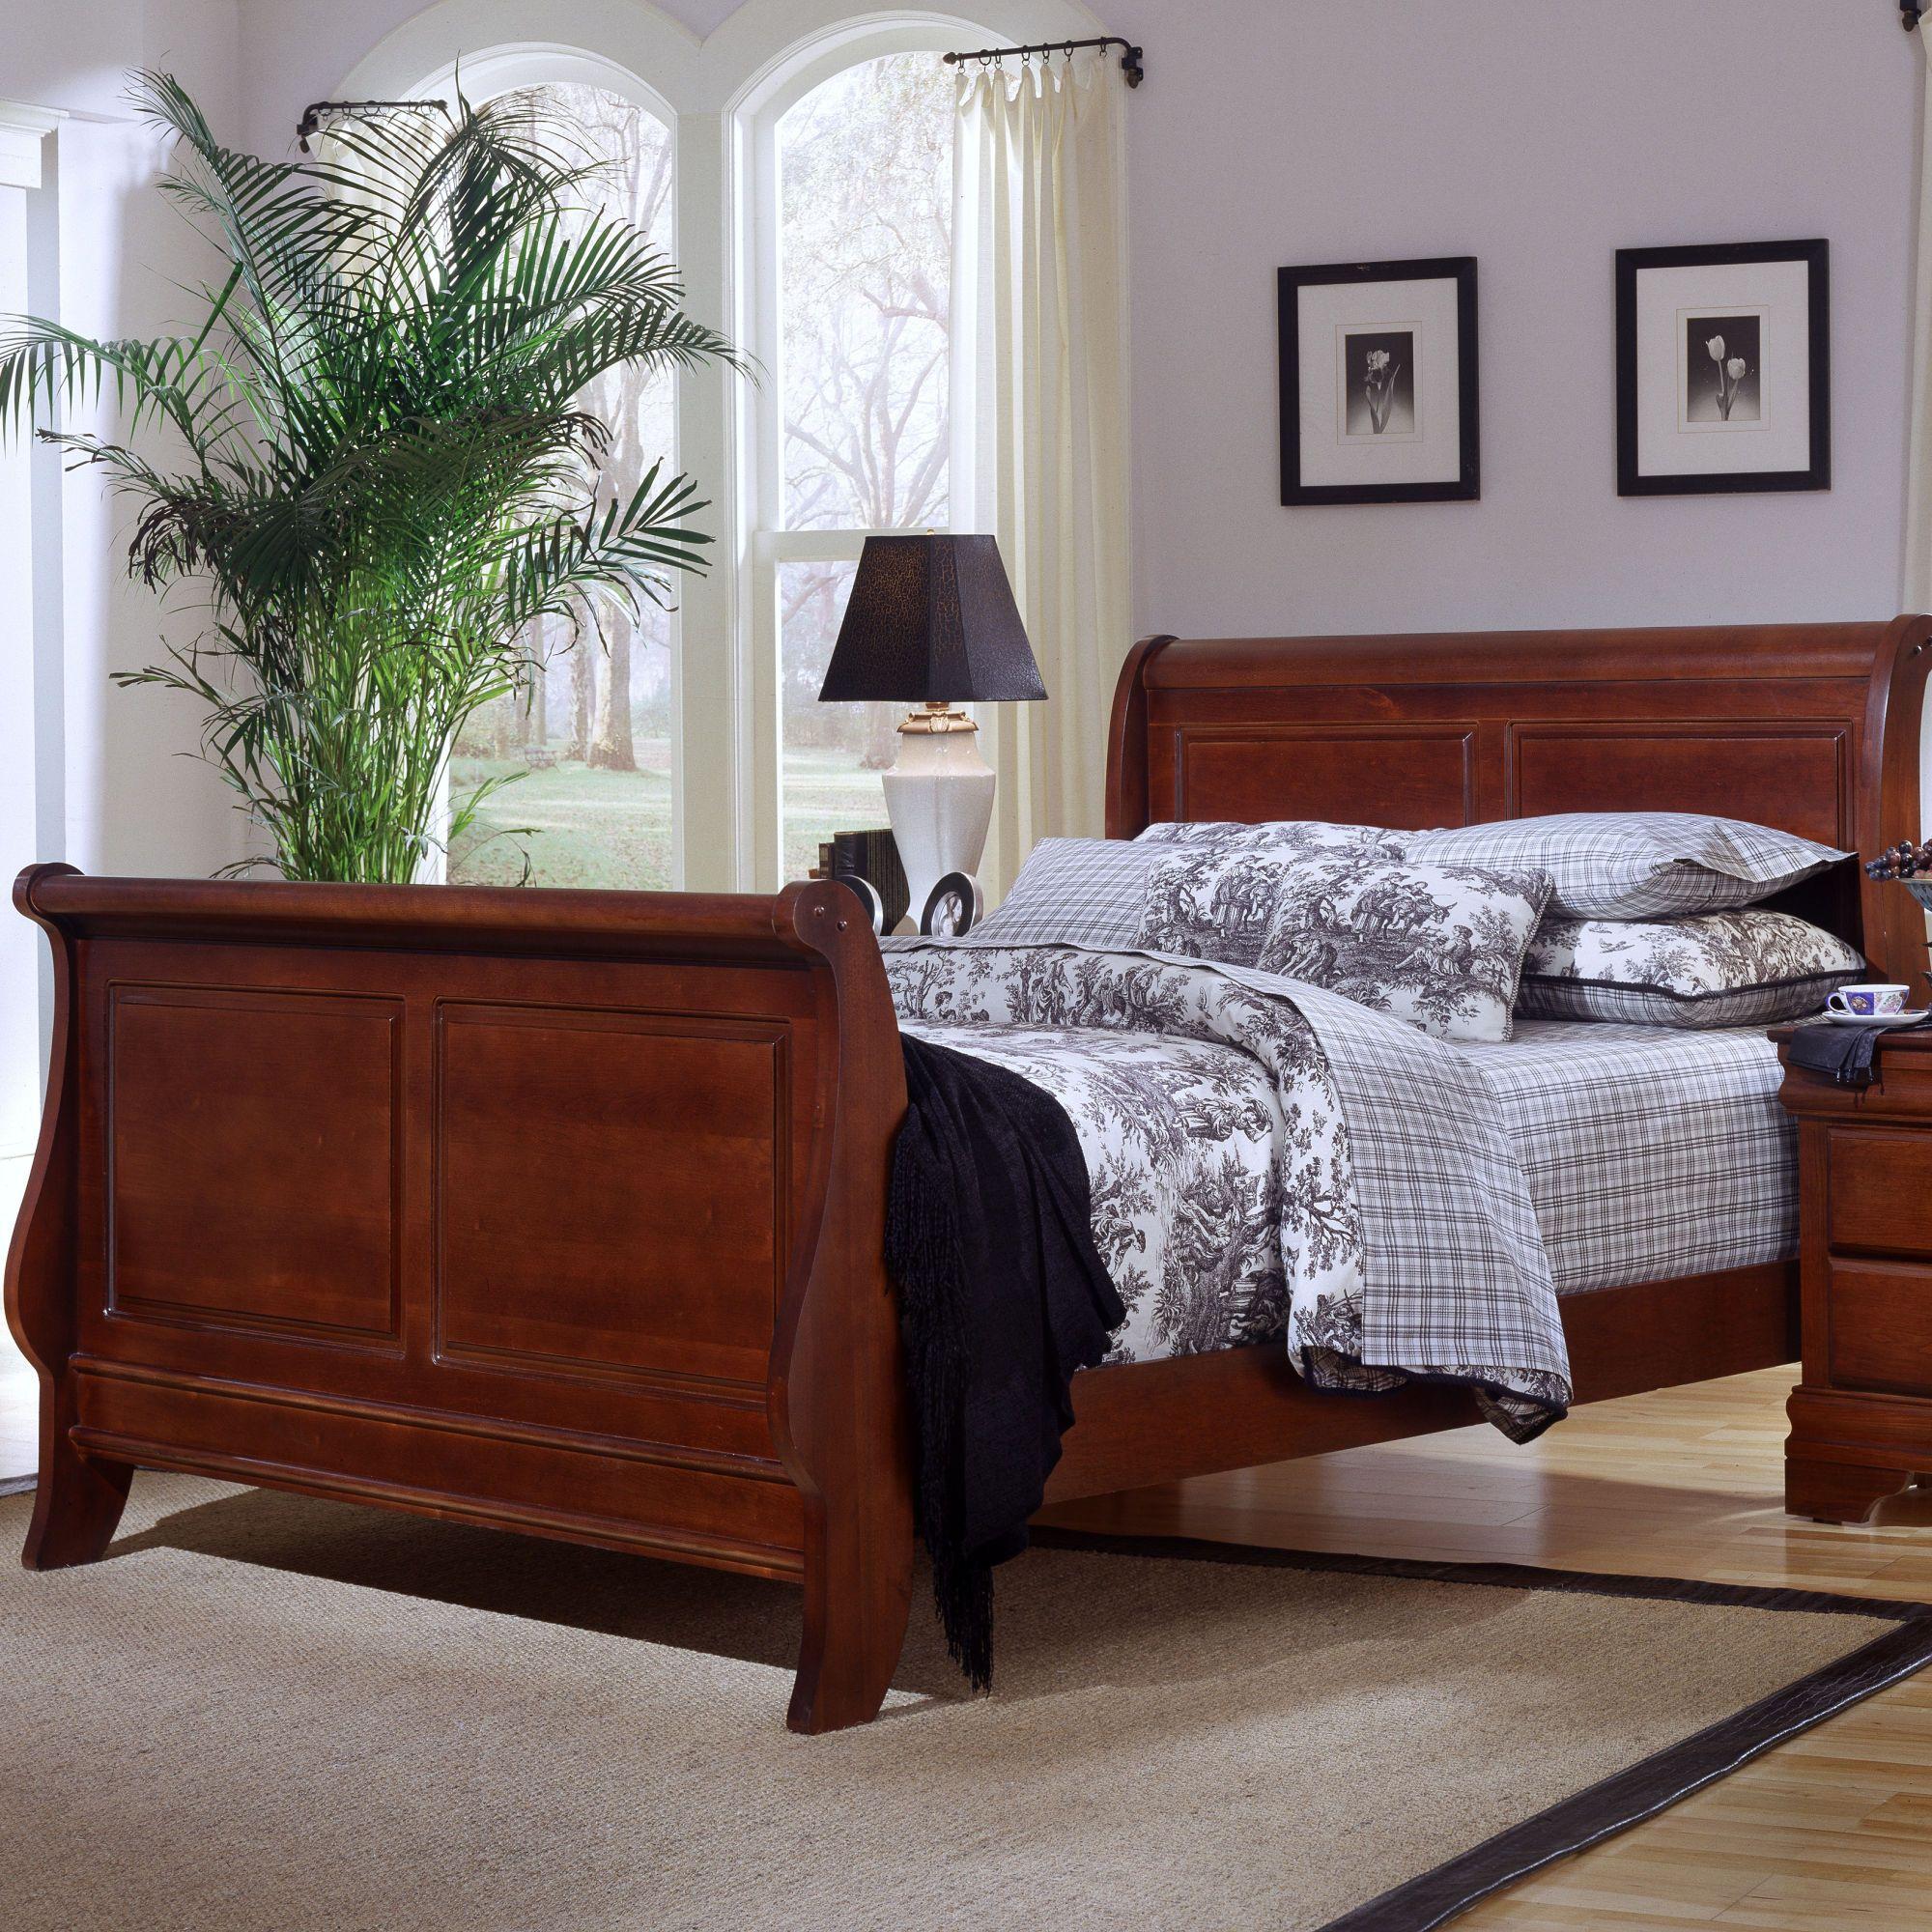 Central Furniture Bedroom Sets